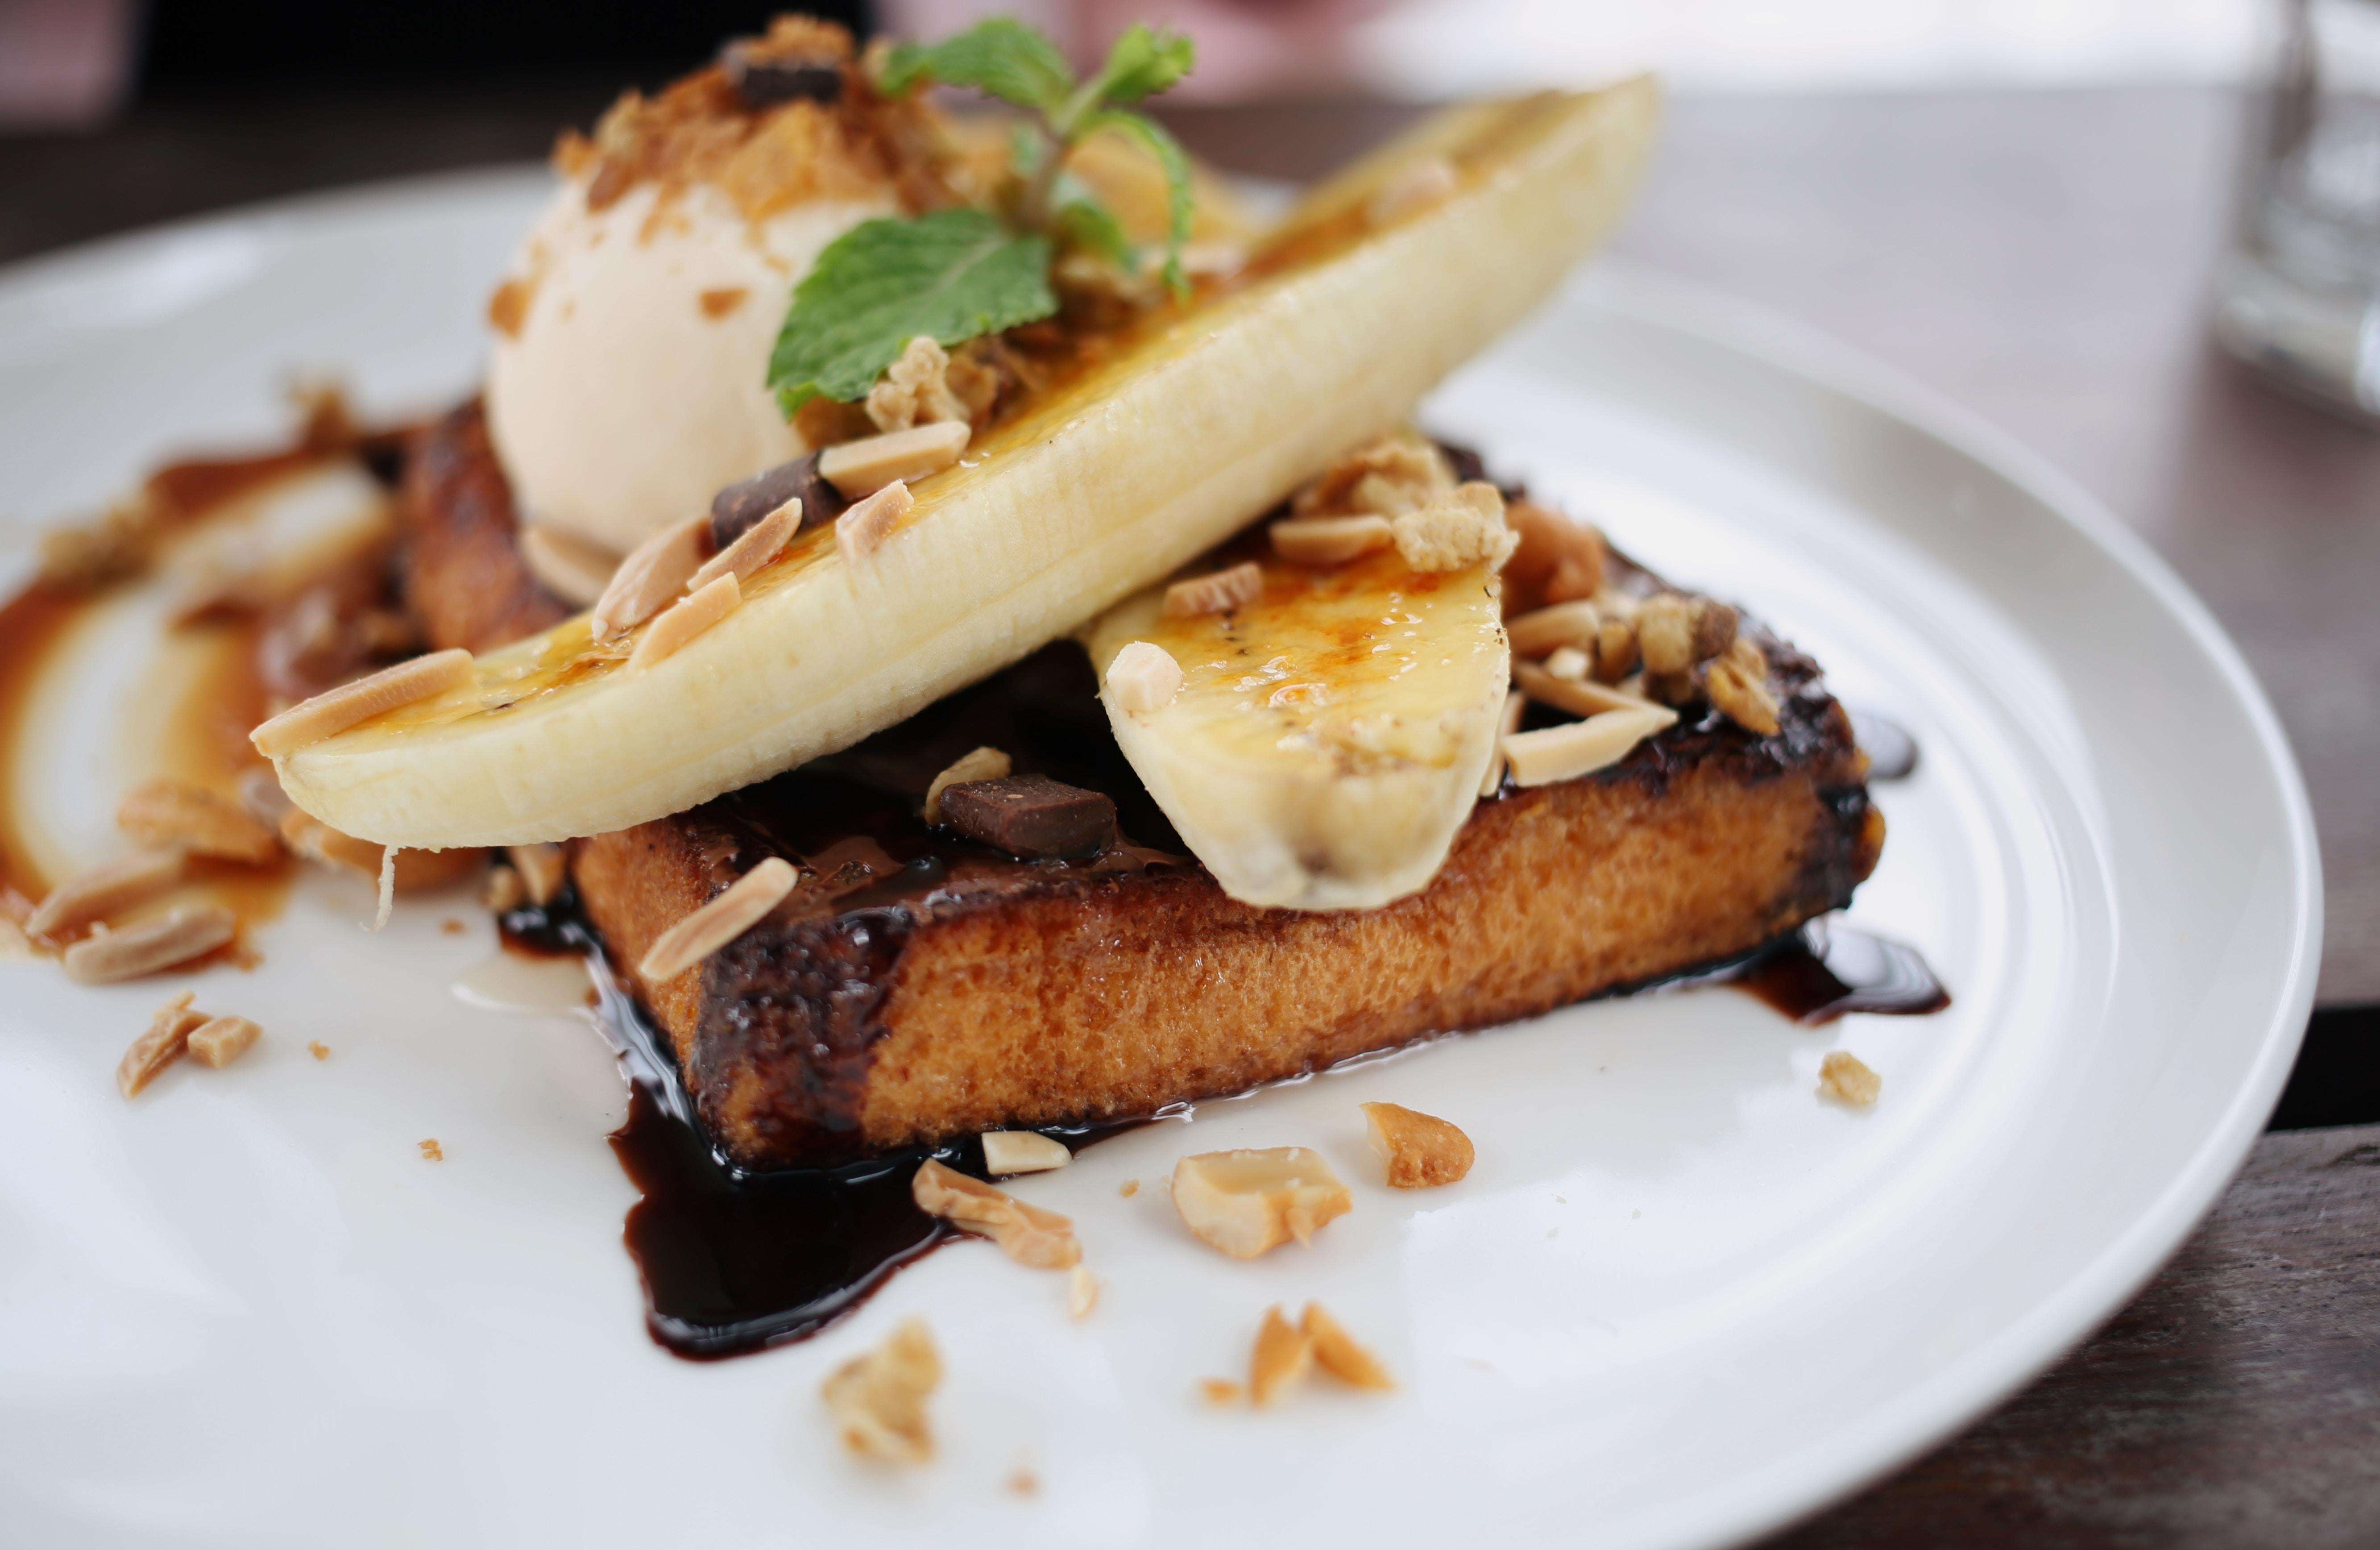 banana split on plate